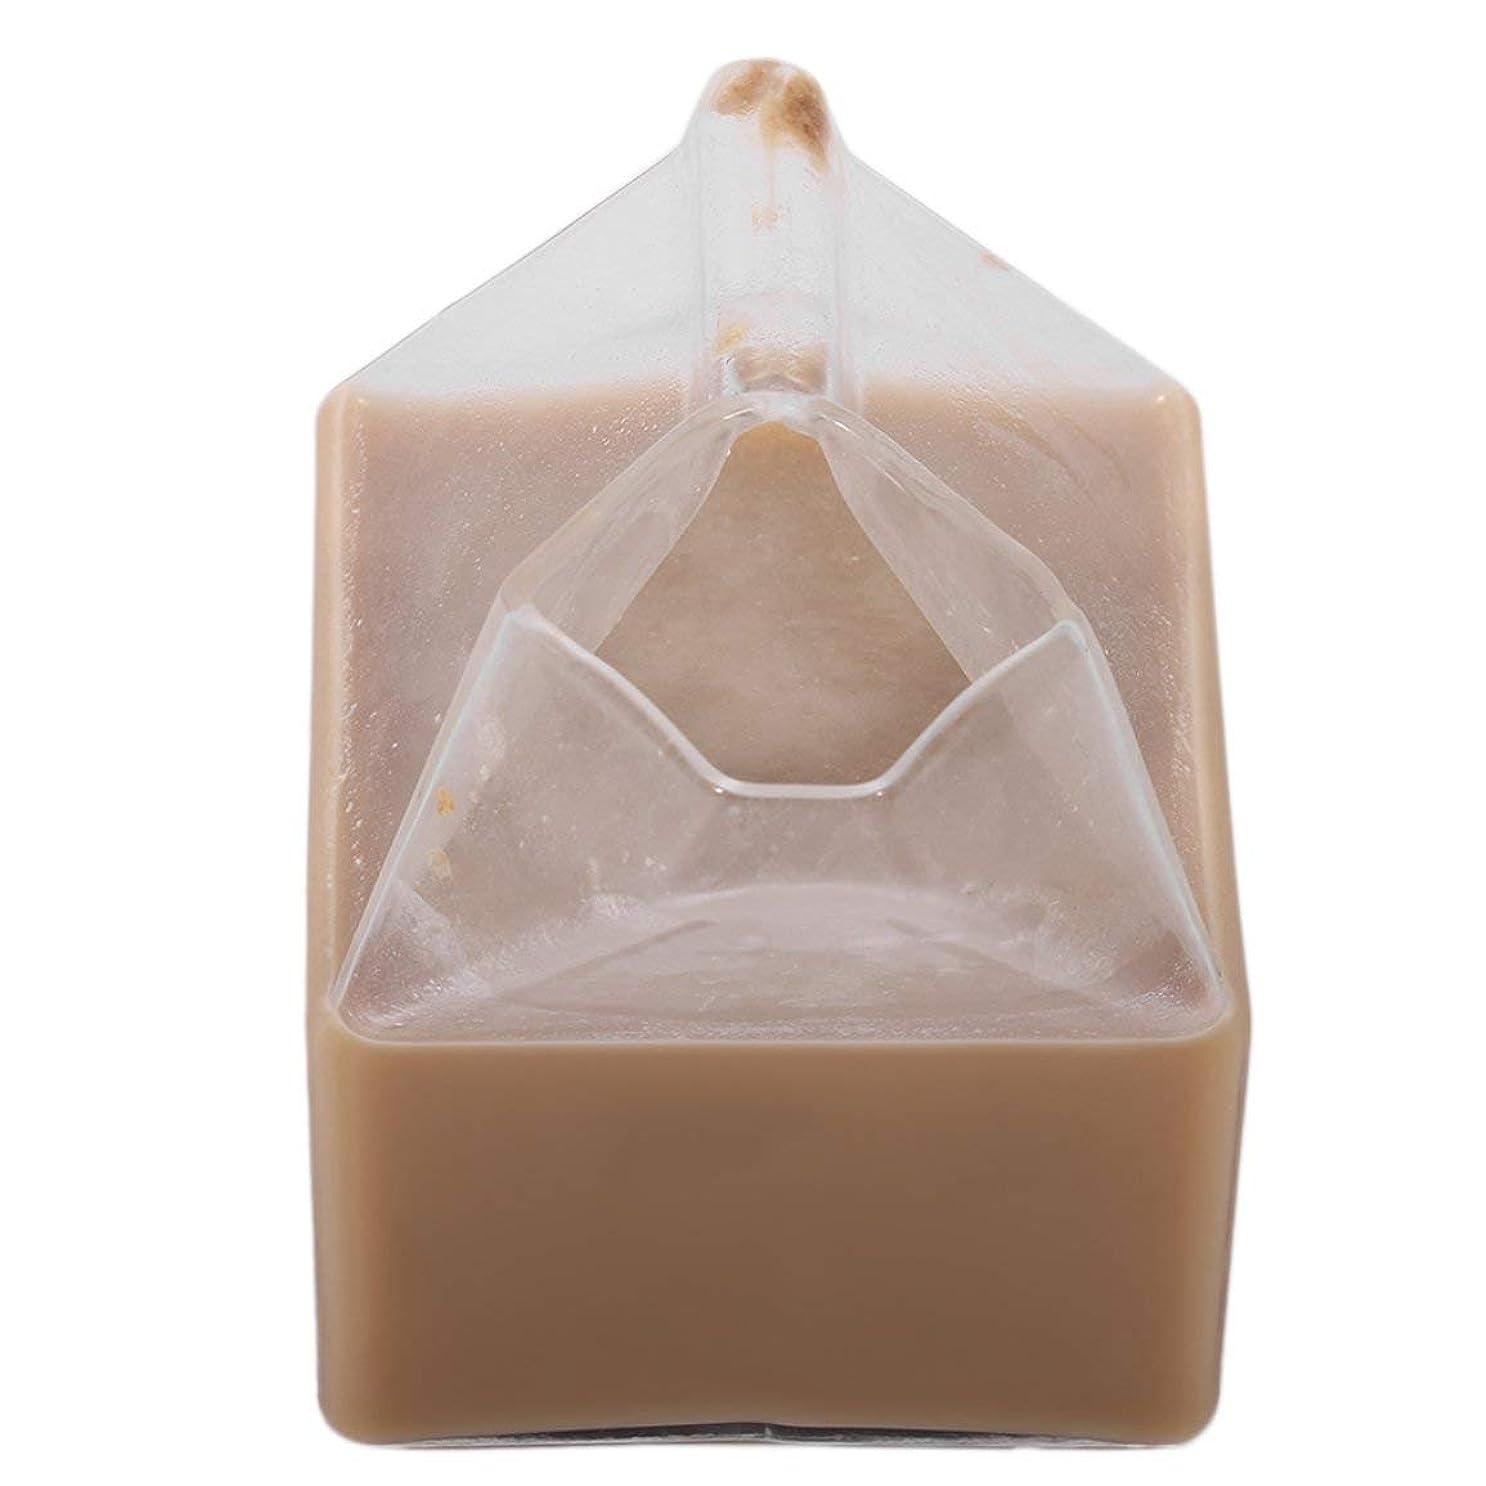 編集者誰レポートを書くユニークなアメリカの半分パイントクリーマーミルクカートンガラスカップコーヒーガラスジュースカップユニークなデザイン純粋な手作りの工芸品 - クリア